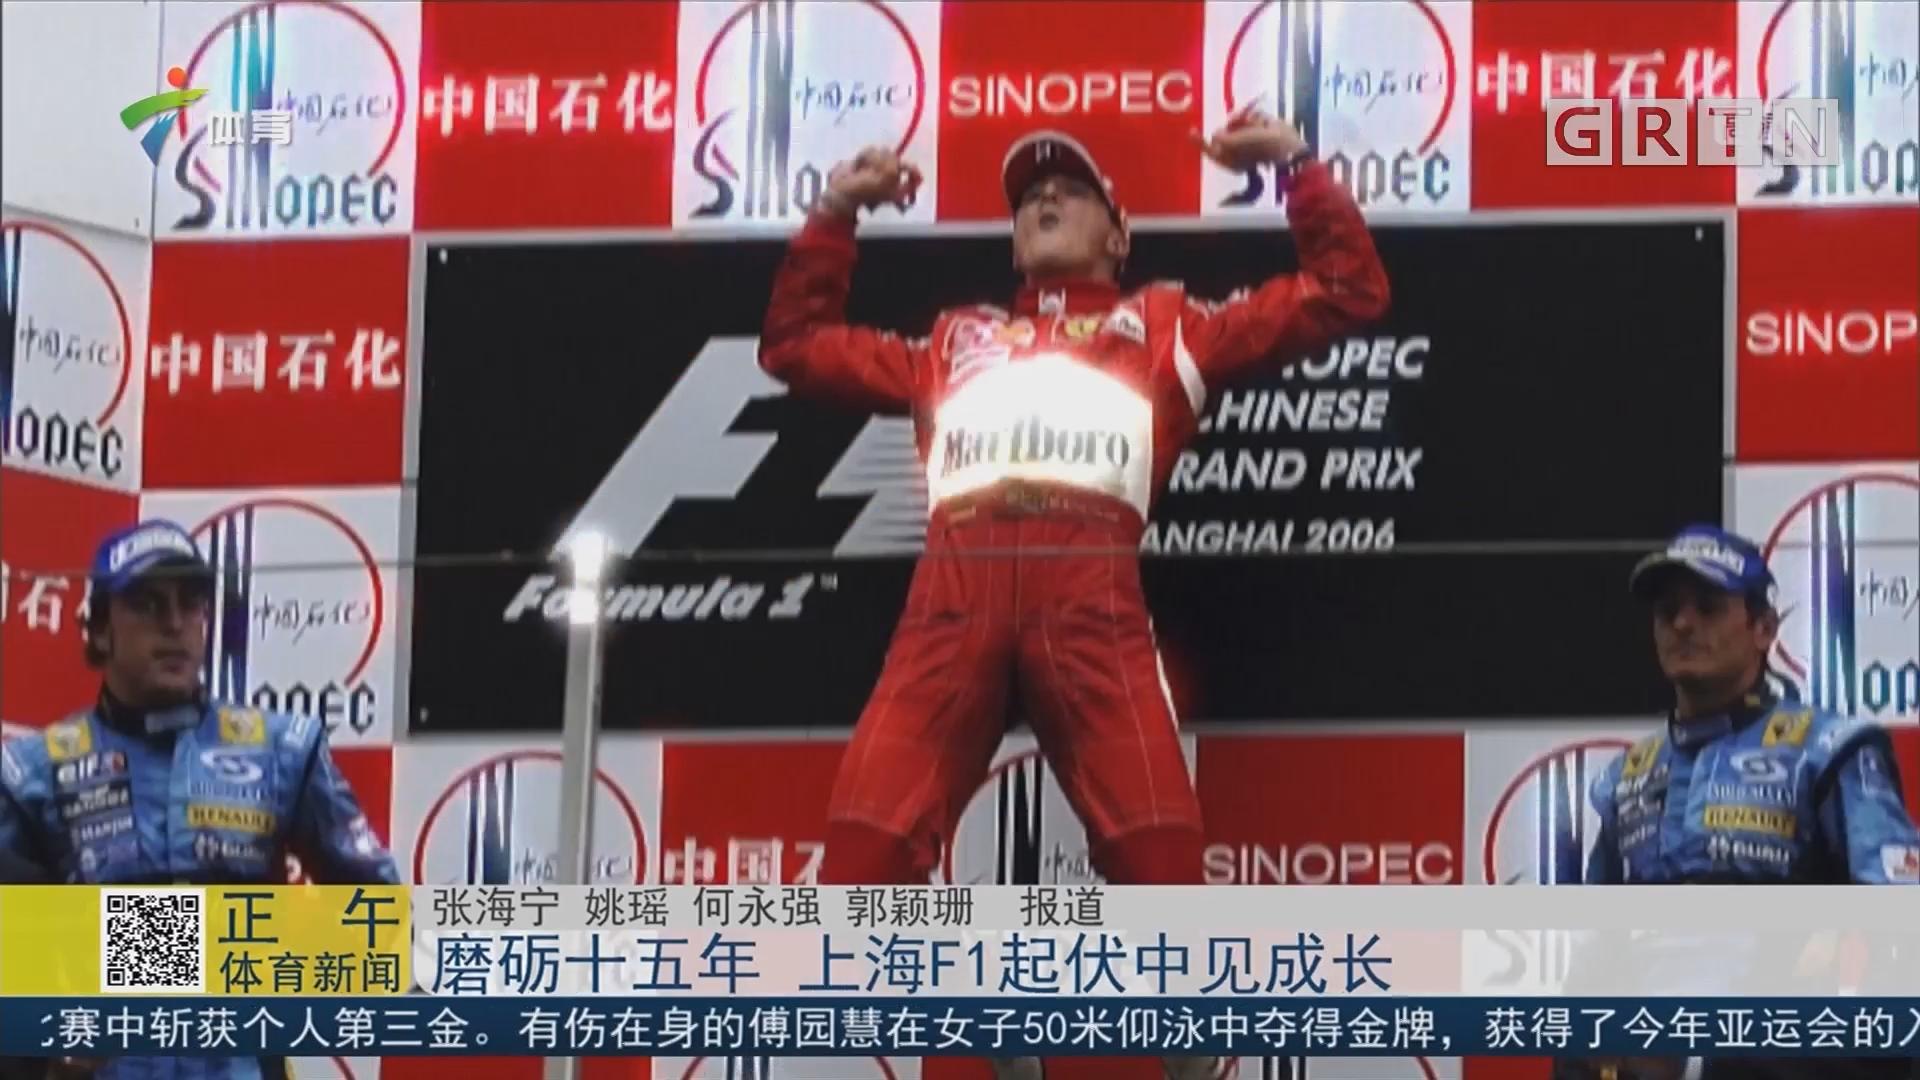 磨砺十五年 上海F1起伏中见成长